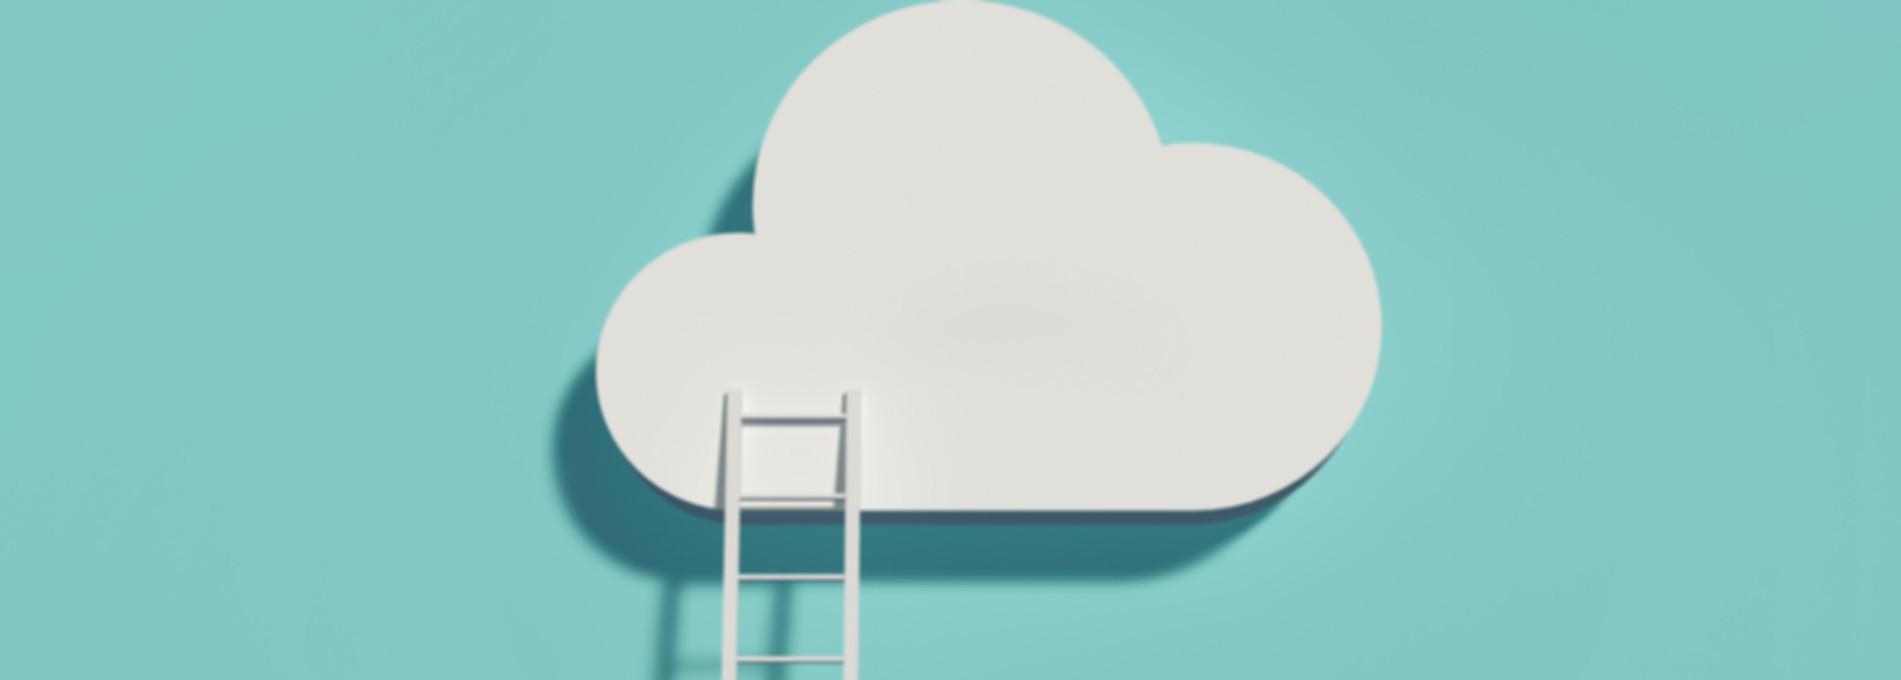 Cloud based travel networking platform